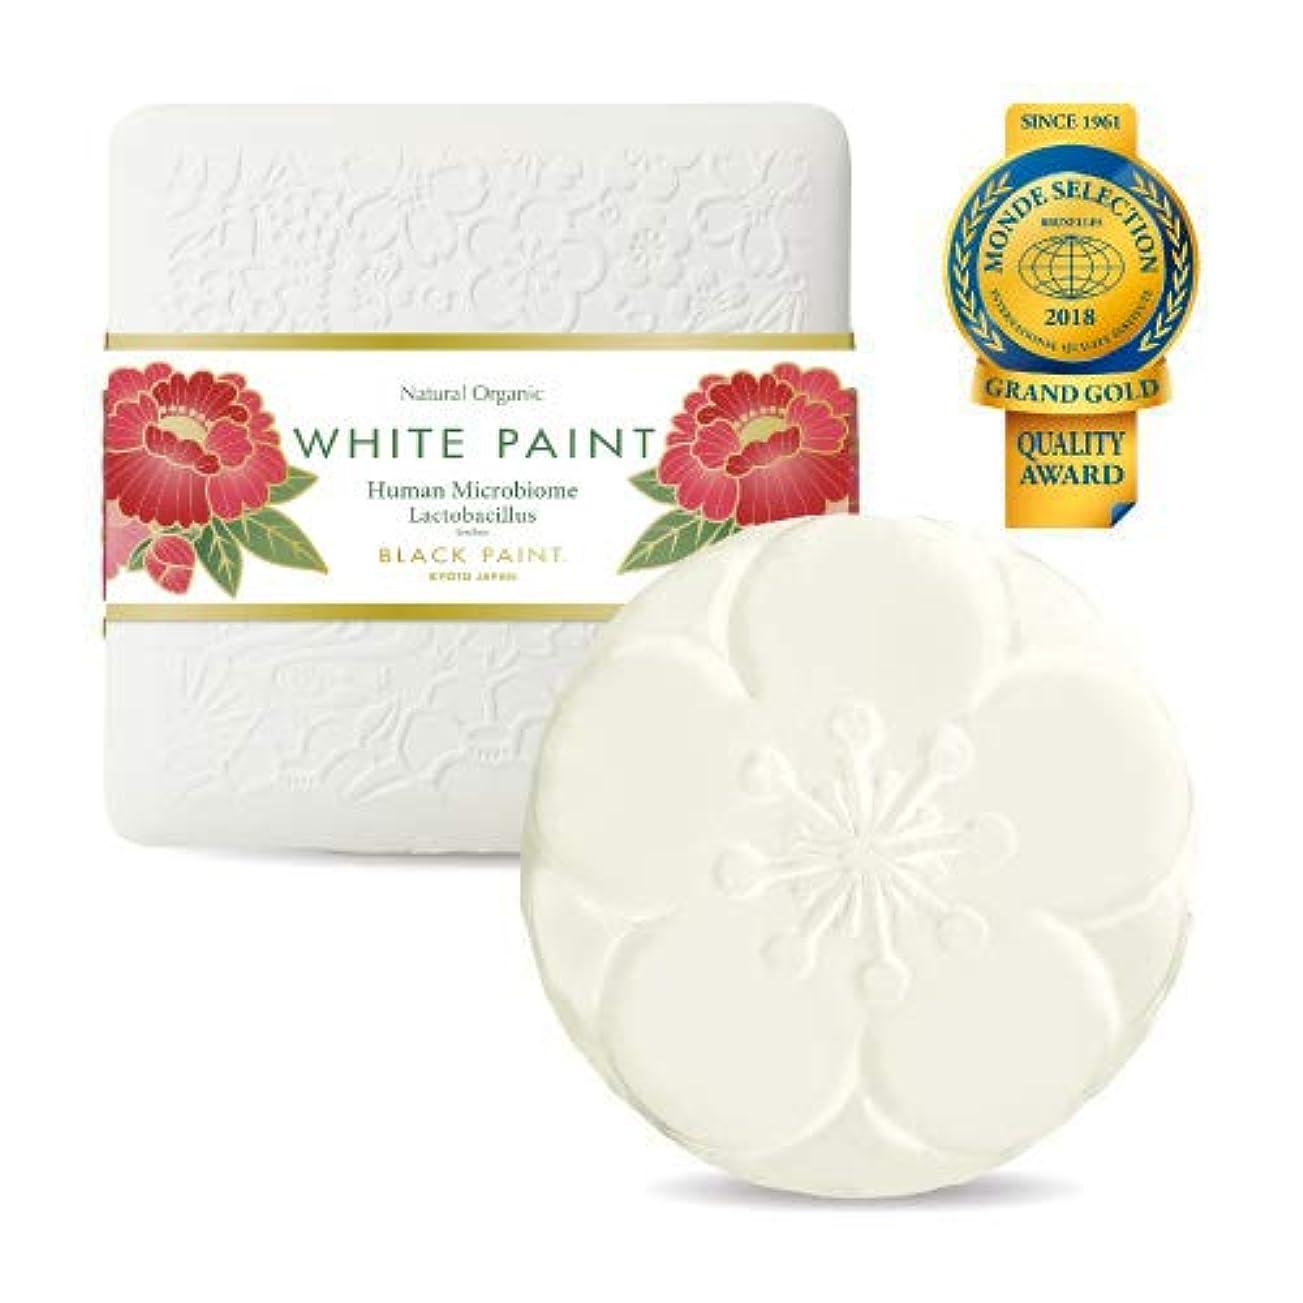 スキャン動的投資乳酸菌入り プレミアム ホワイトペイント 60g ハーフサイズ 塗る洗顔 石鹸 無添加 国産 …